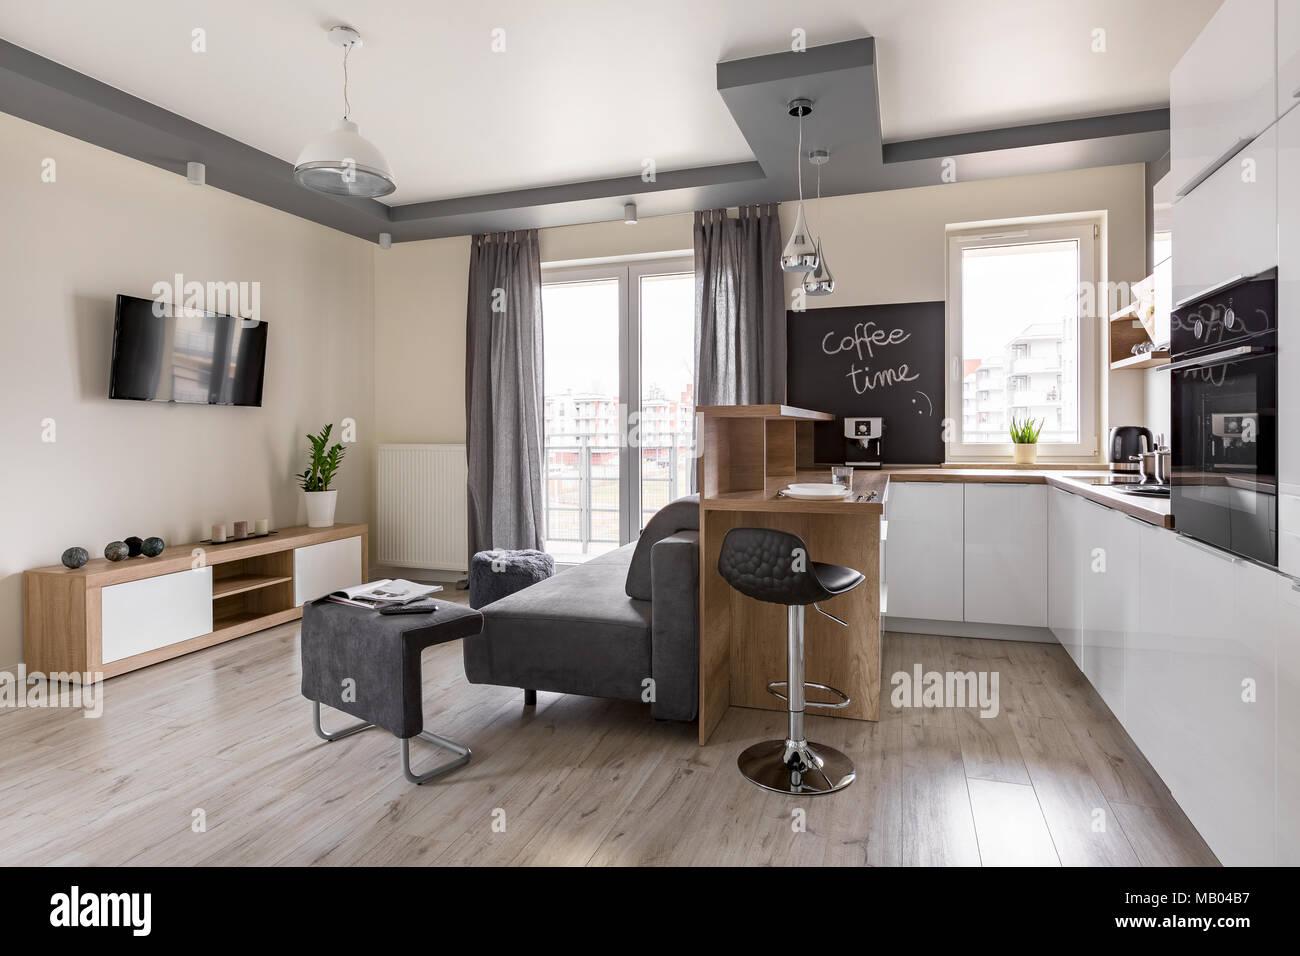 Funktionale Home Interior mit offener Küche und tv ...